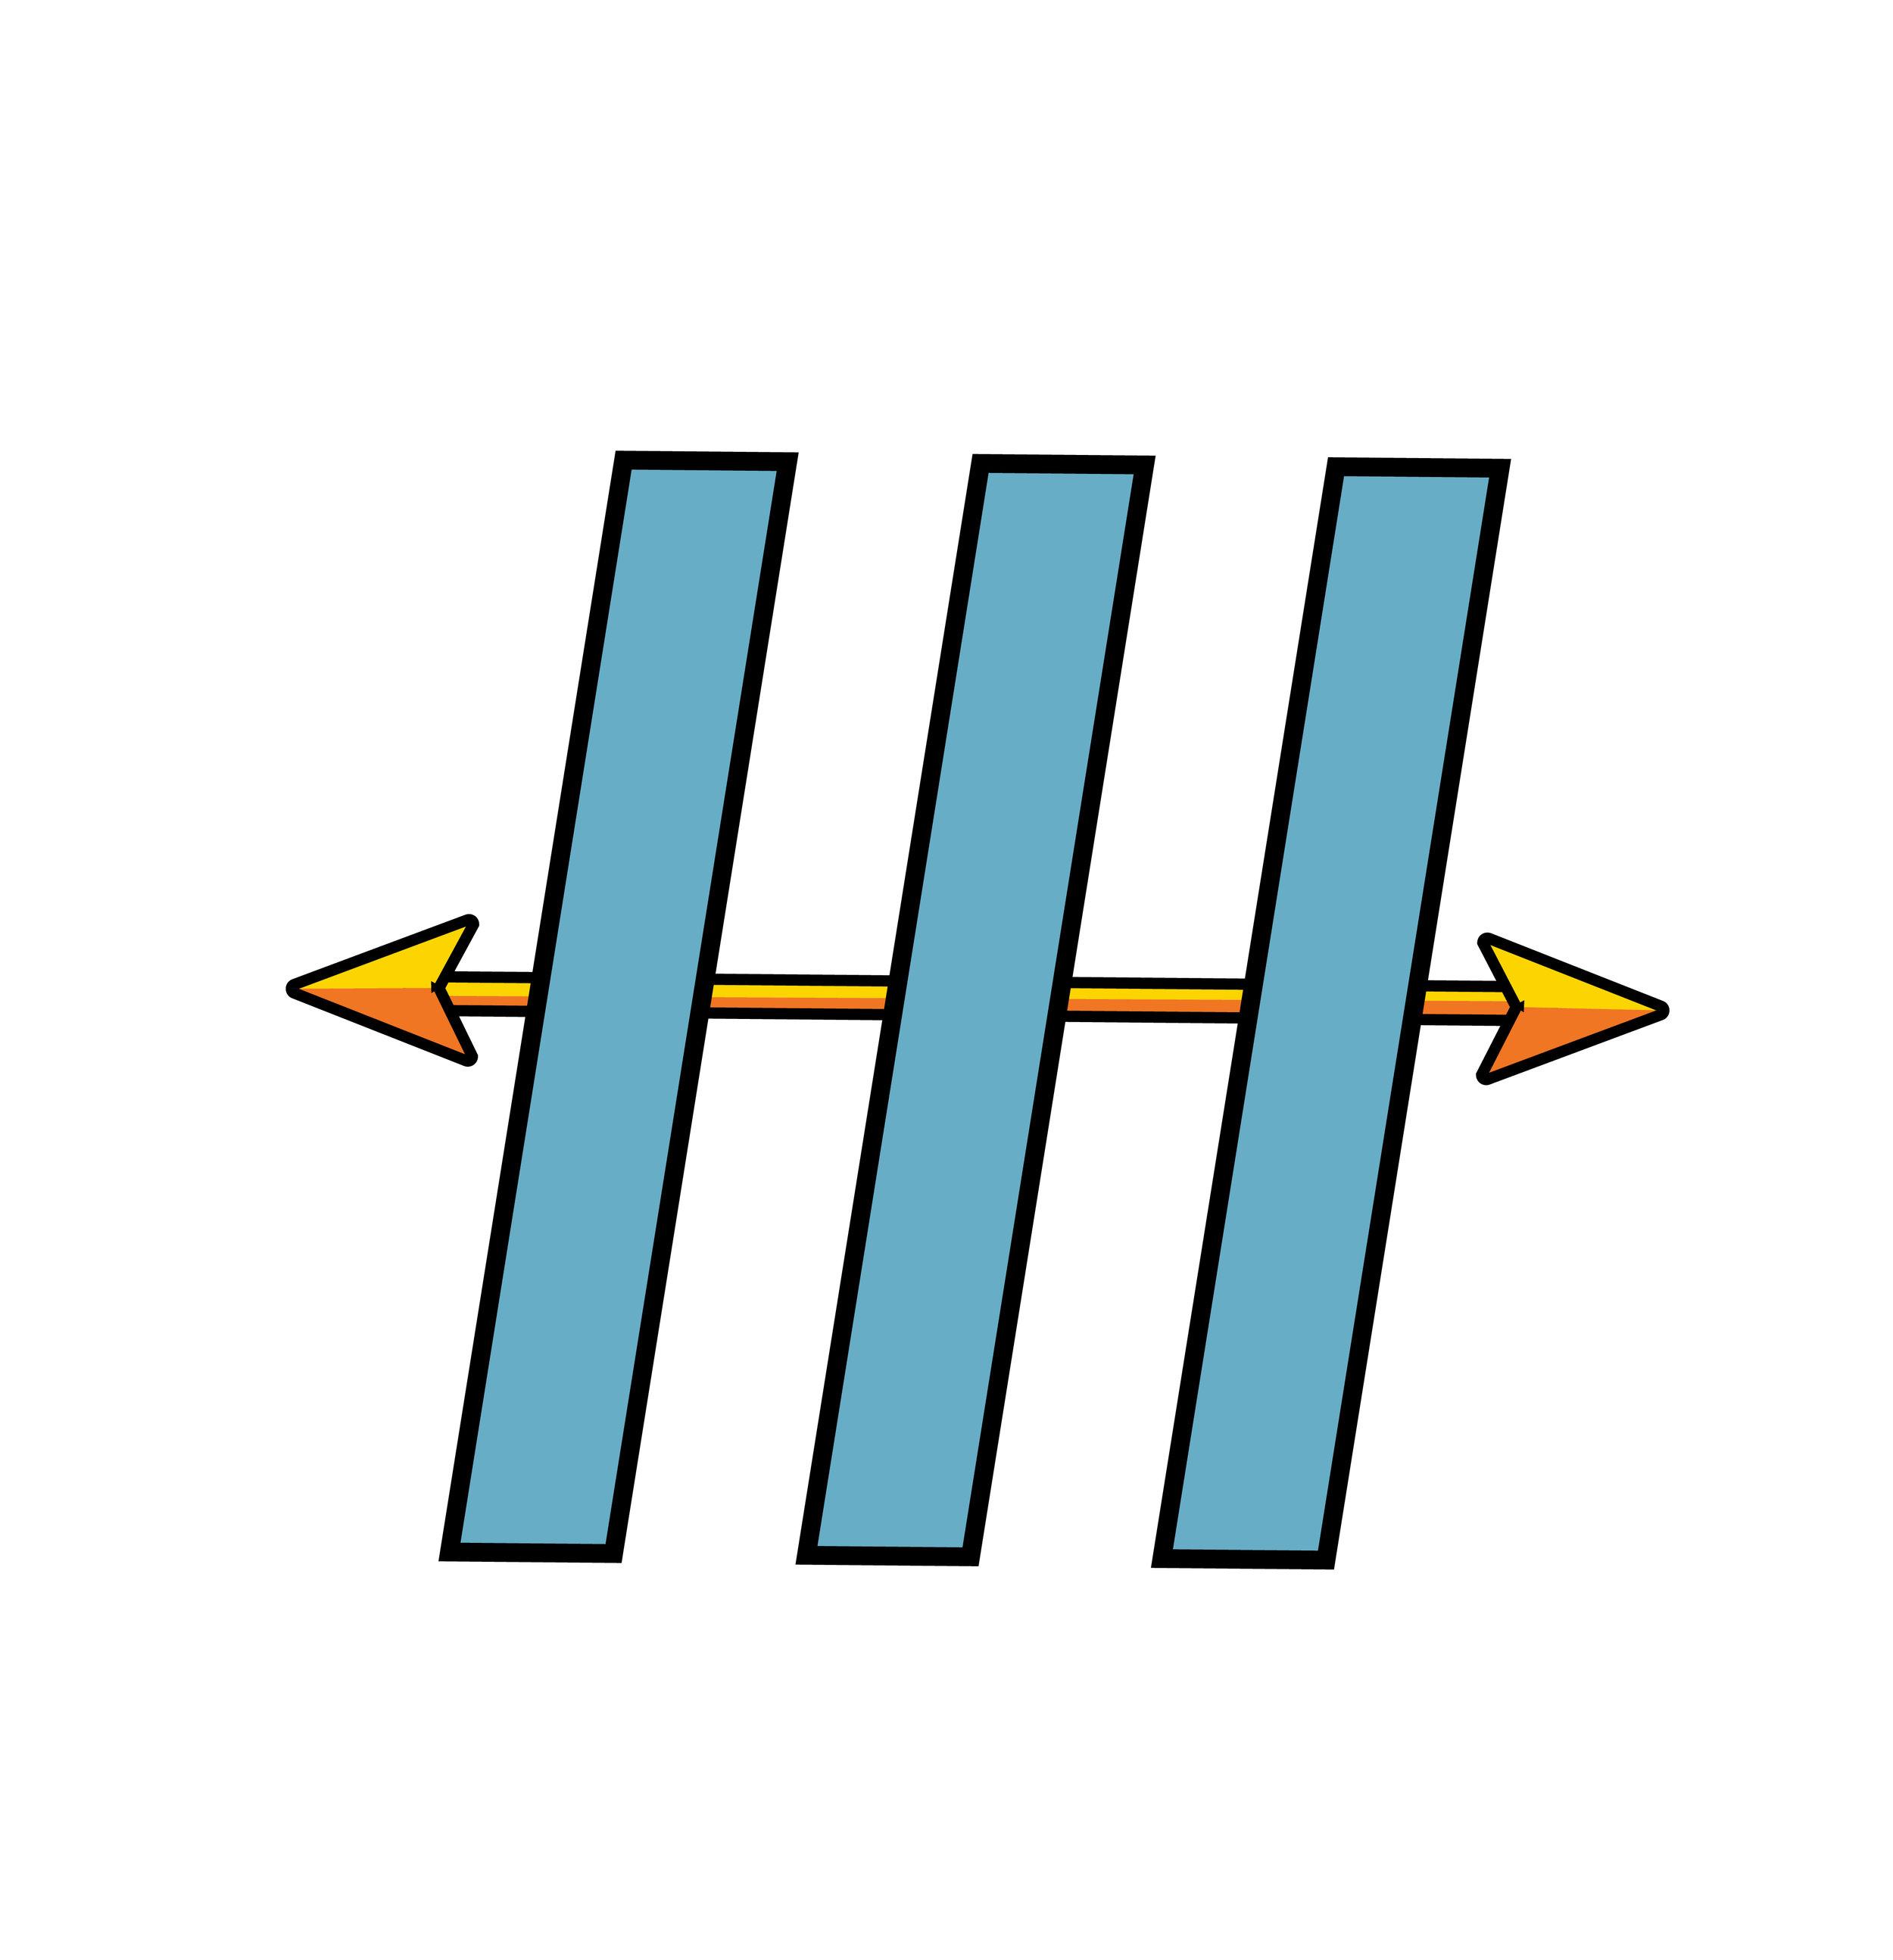 H and arrow.jpg